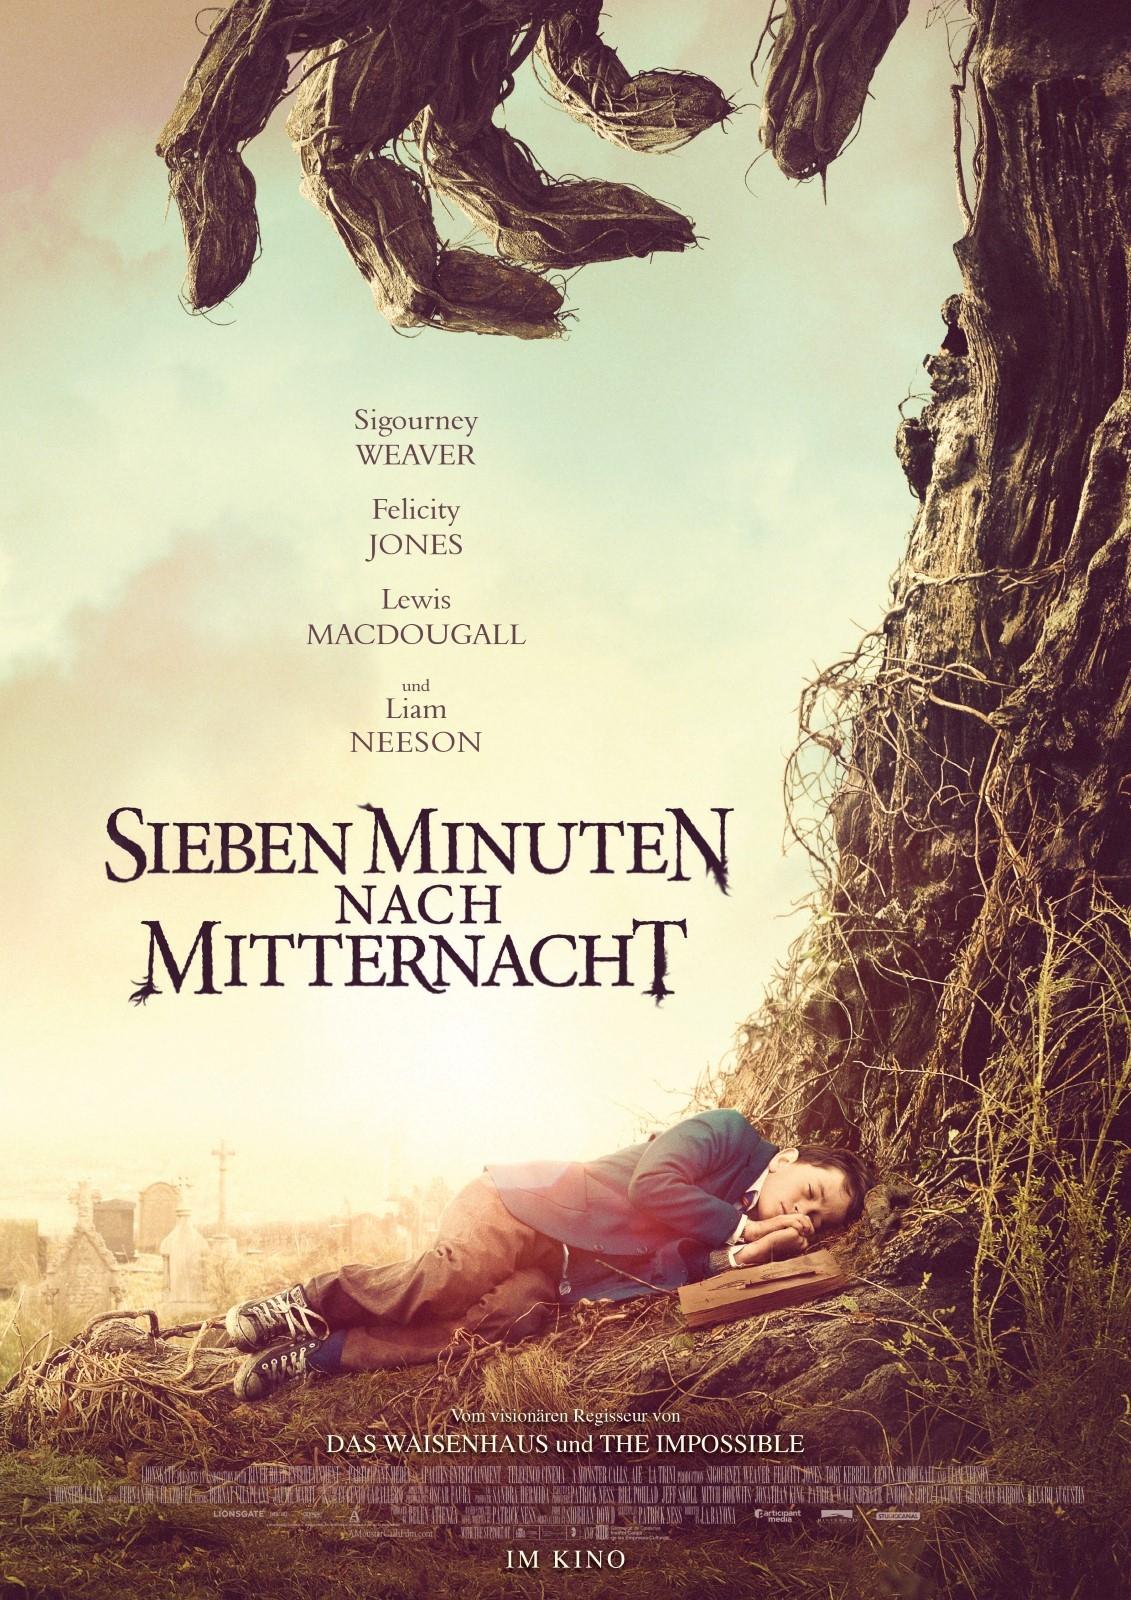 Sieben Minuten nach Mitternacht (Poster)